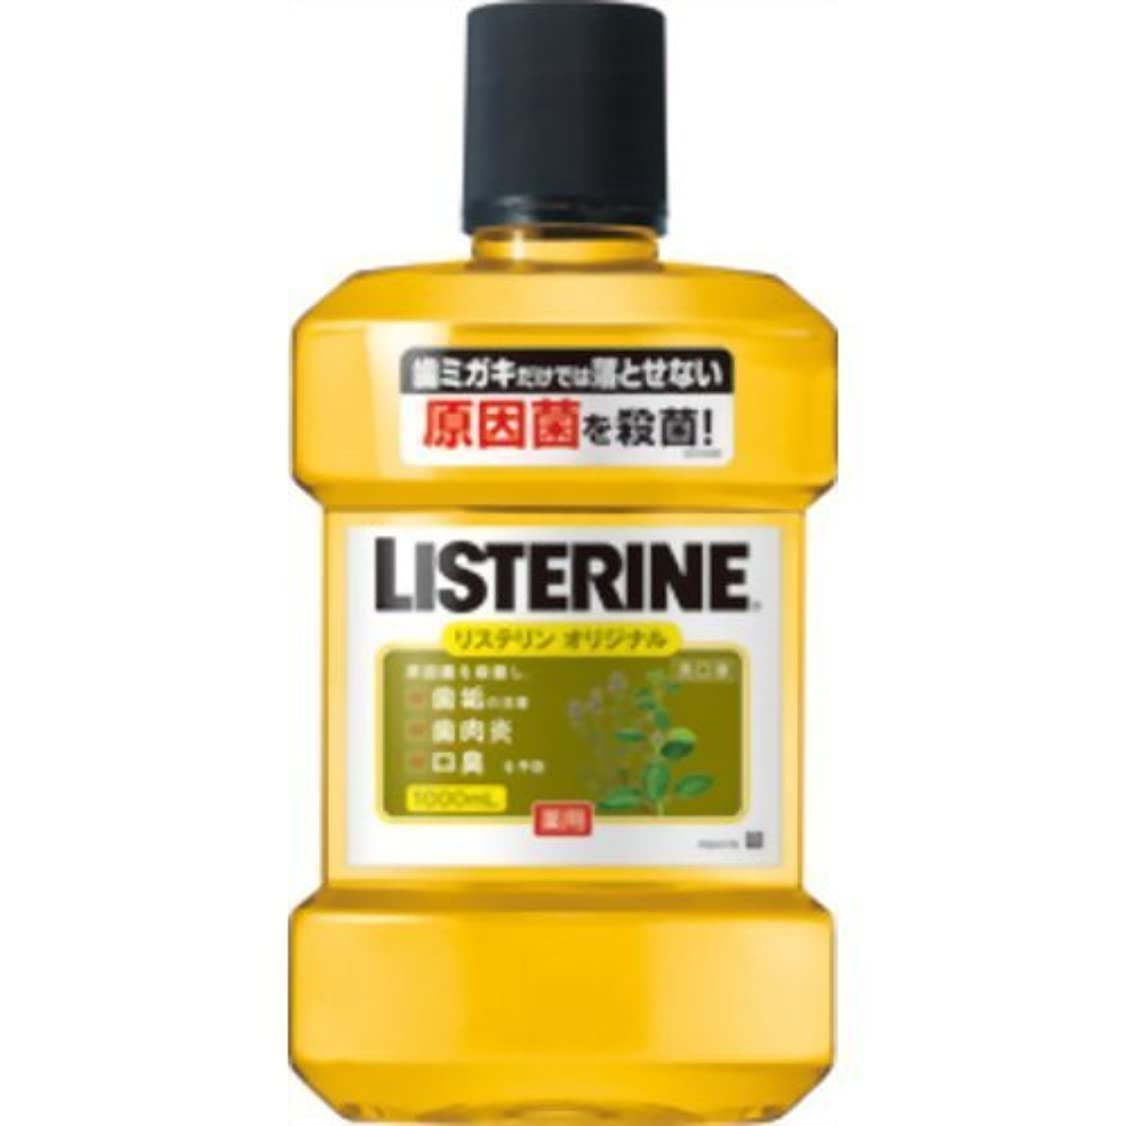 トライアスロン啓示バス薬用リステリン オリジナル 1000ml ×10個セット